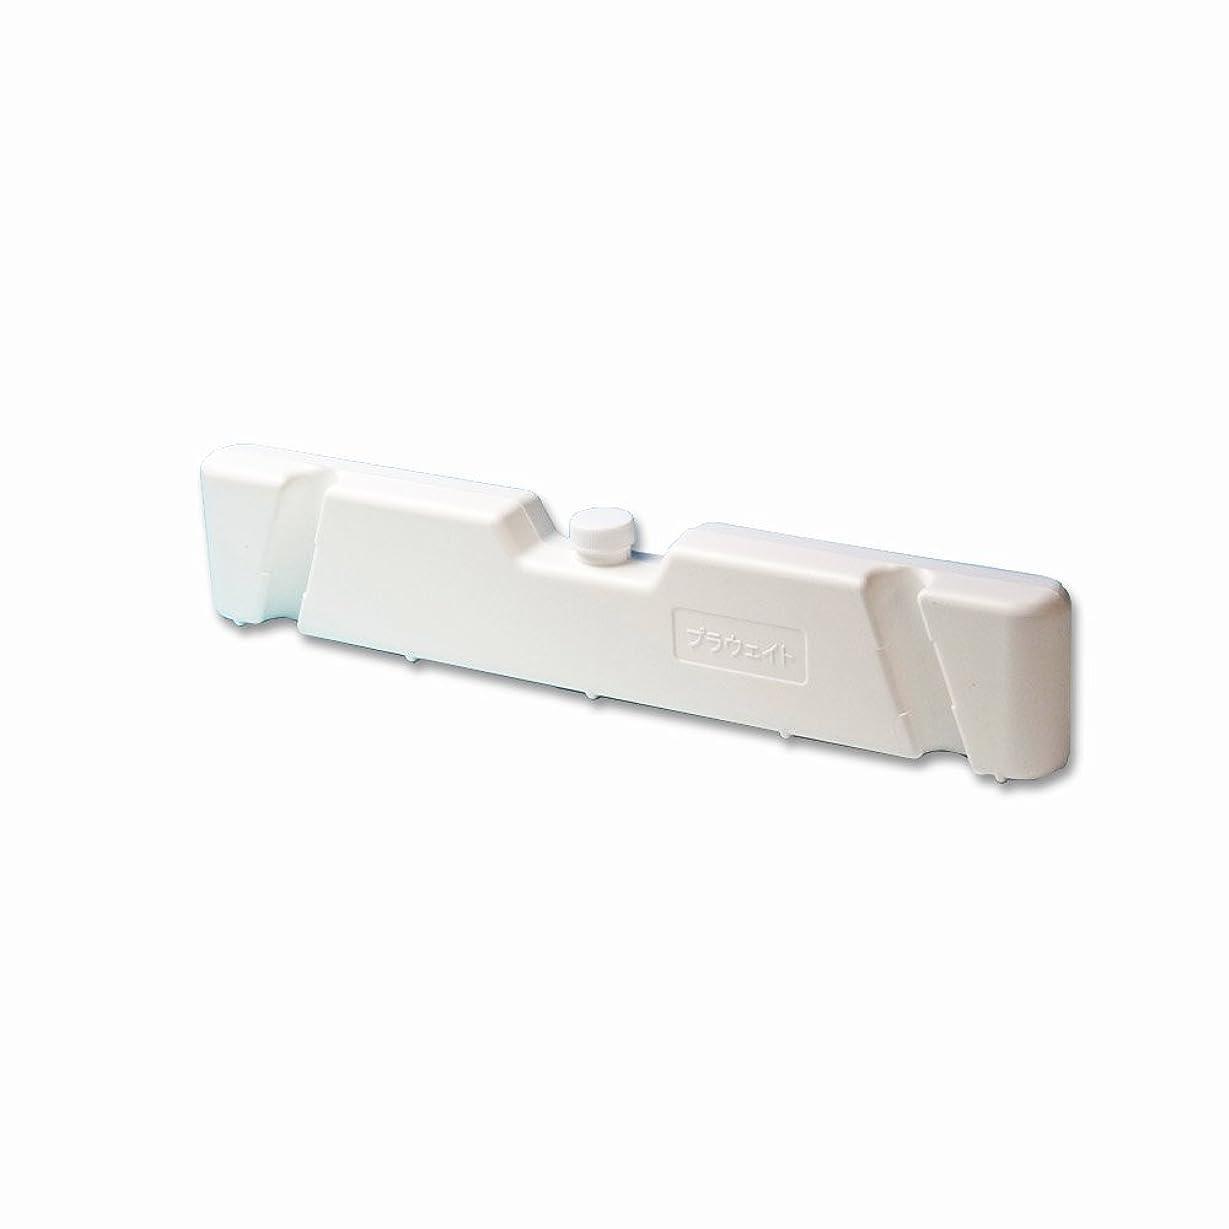 コークス三番呼びかけるミツギロン 区画整備用品 プラバー プラケード用重石 プラウェイト SF-44 ホワイト